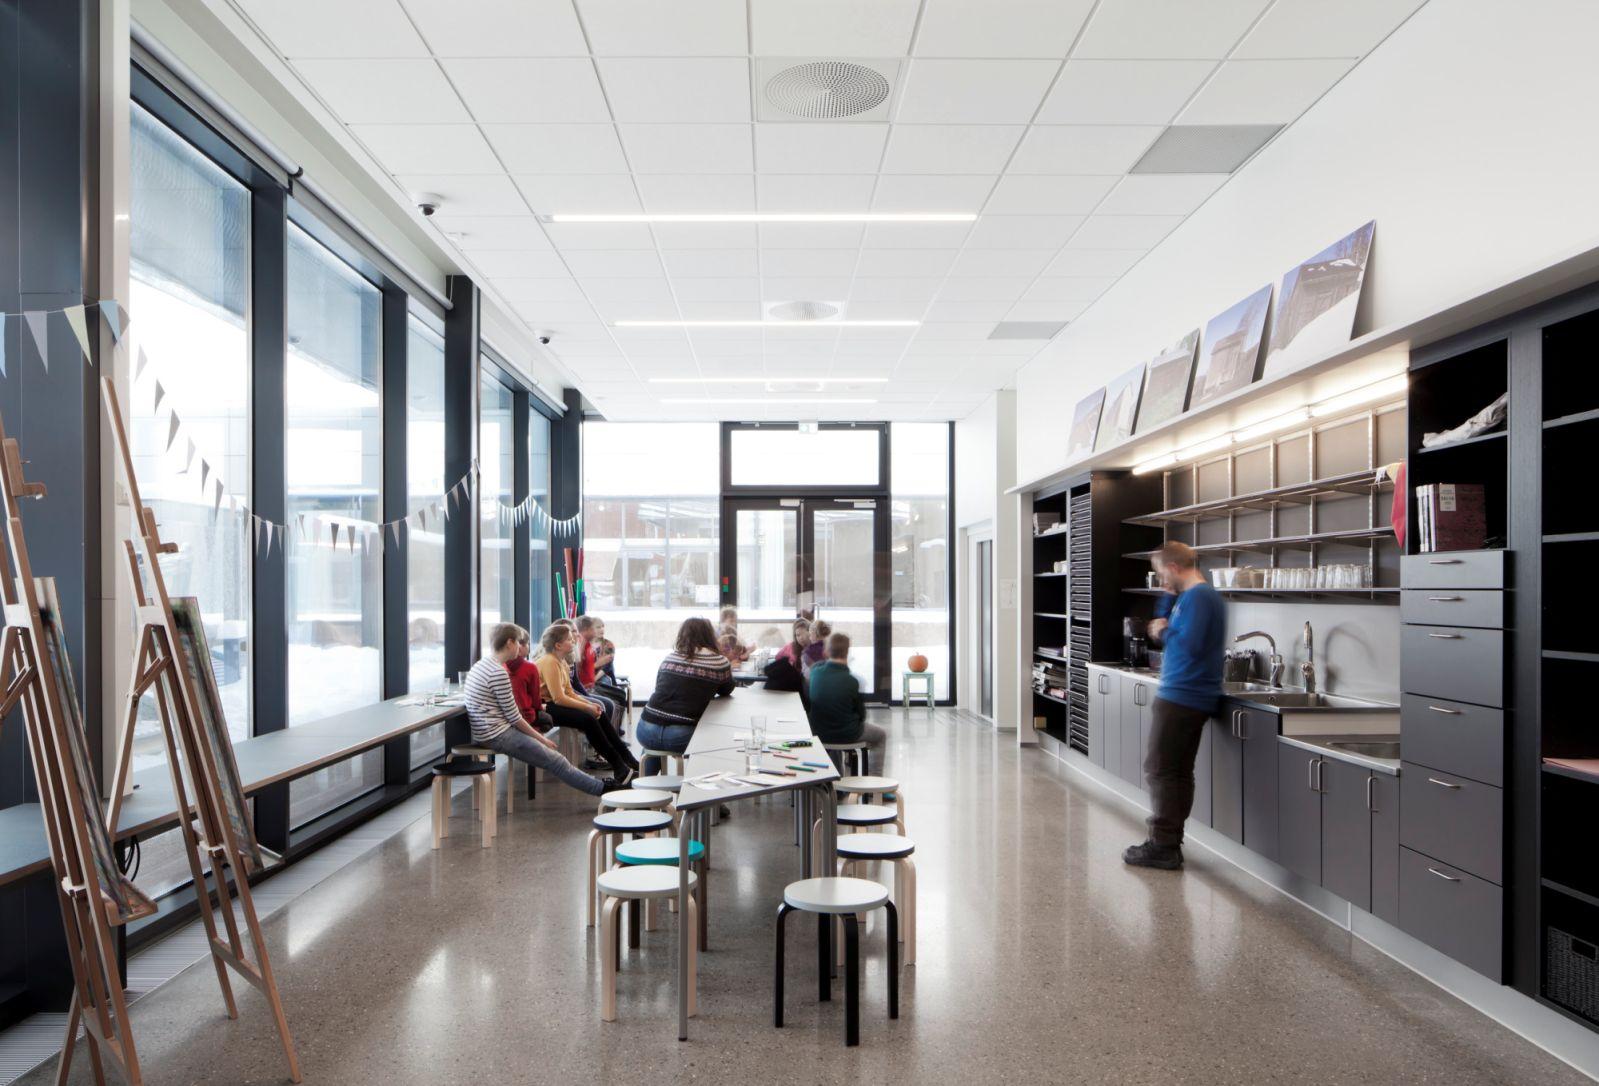 Lillehammer Art Museum and Lillehammer Cinema